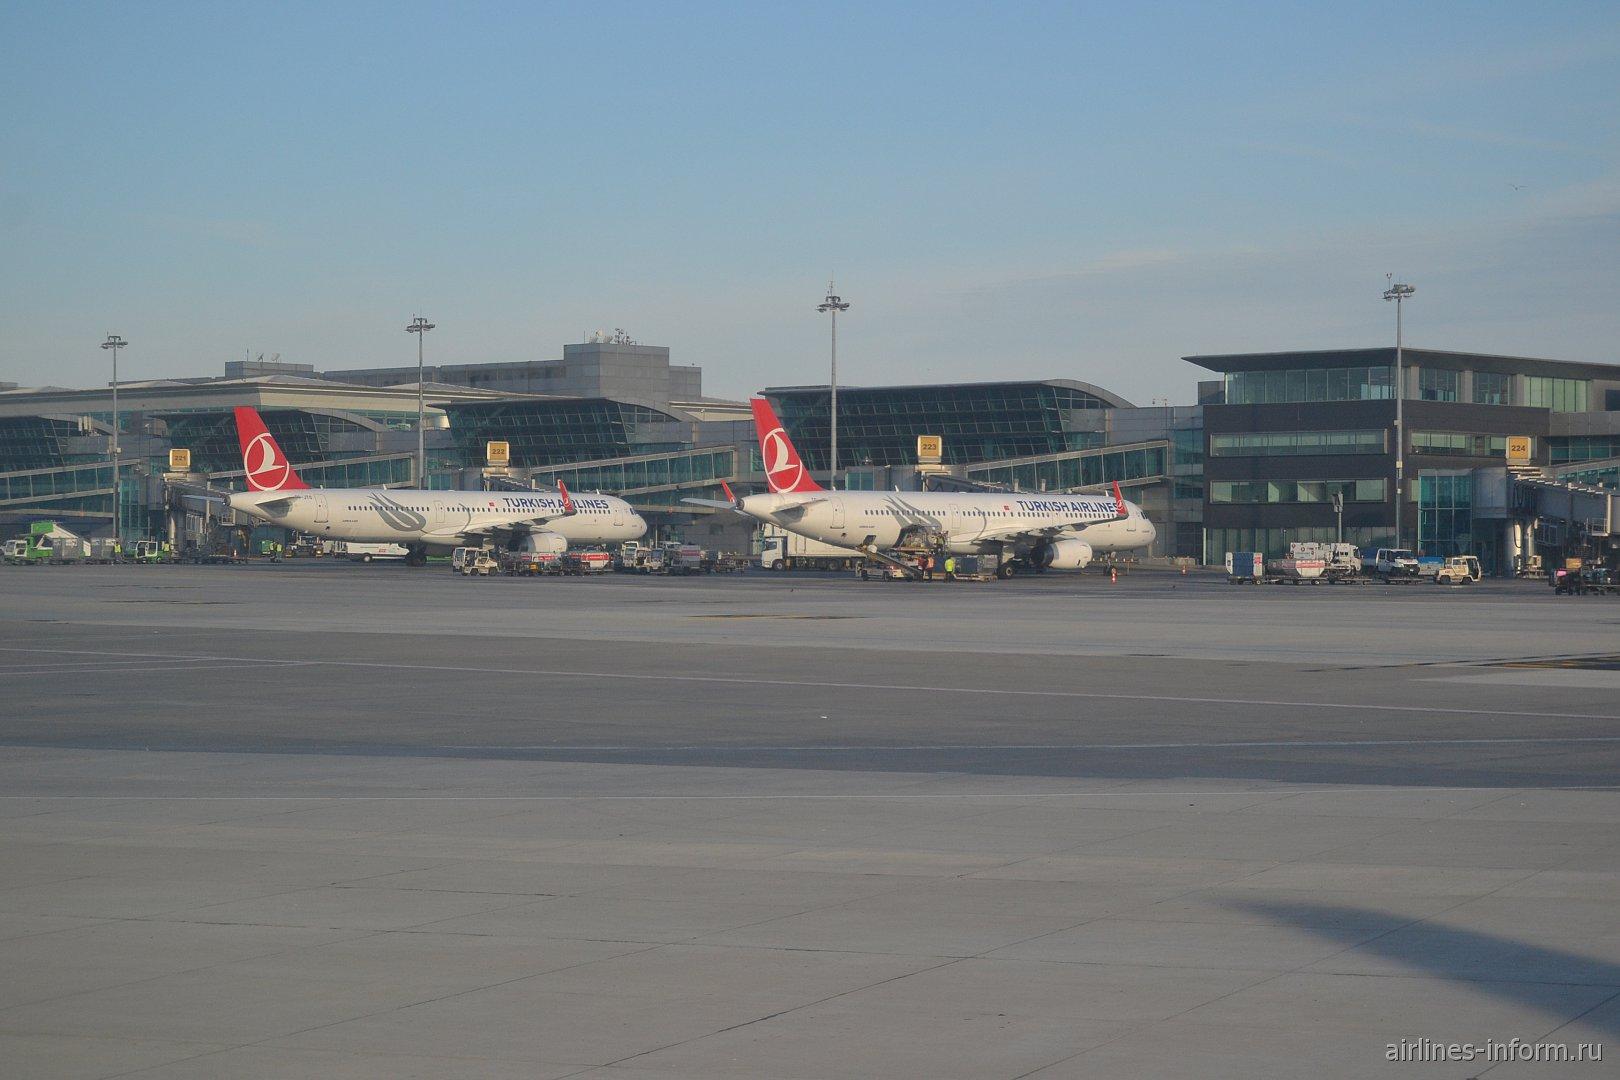 Самолеты Турецких авиалиний в аэропорту Стамбул имени Ататюрка